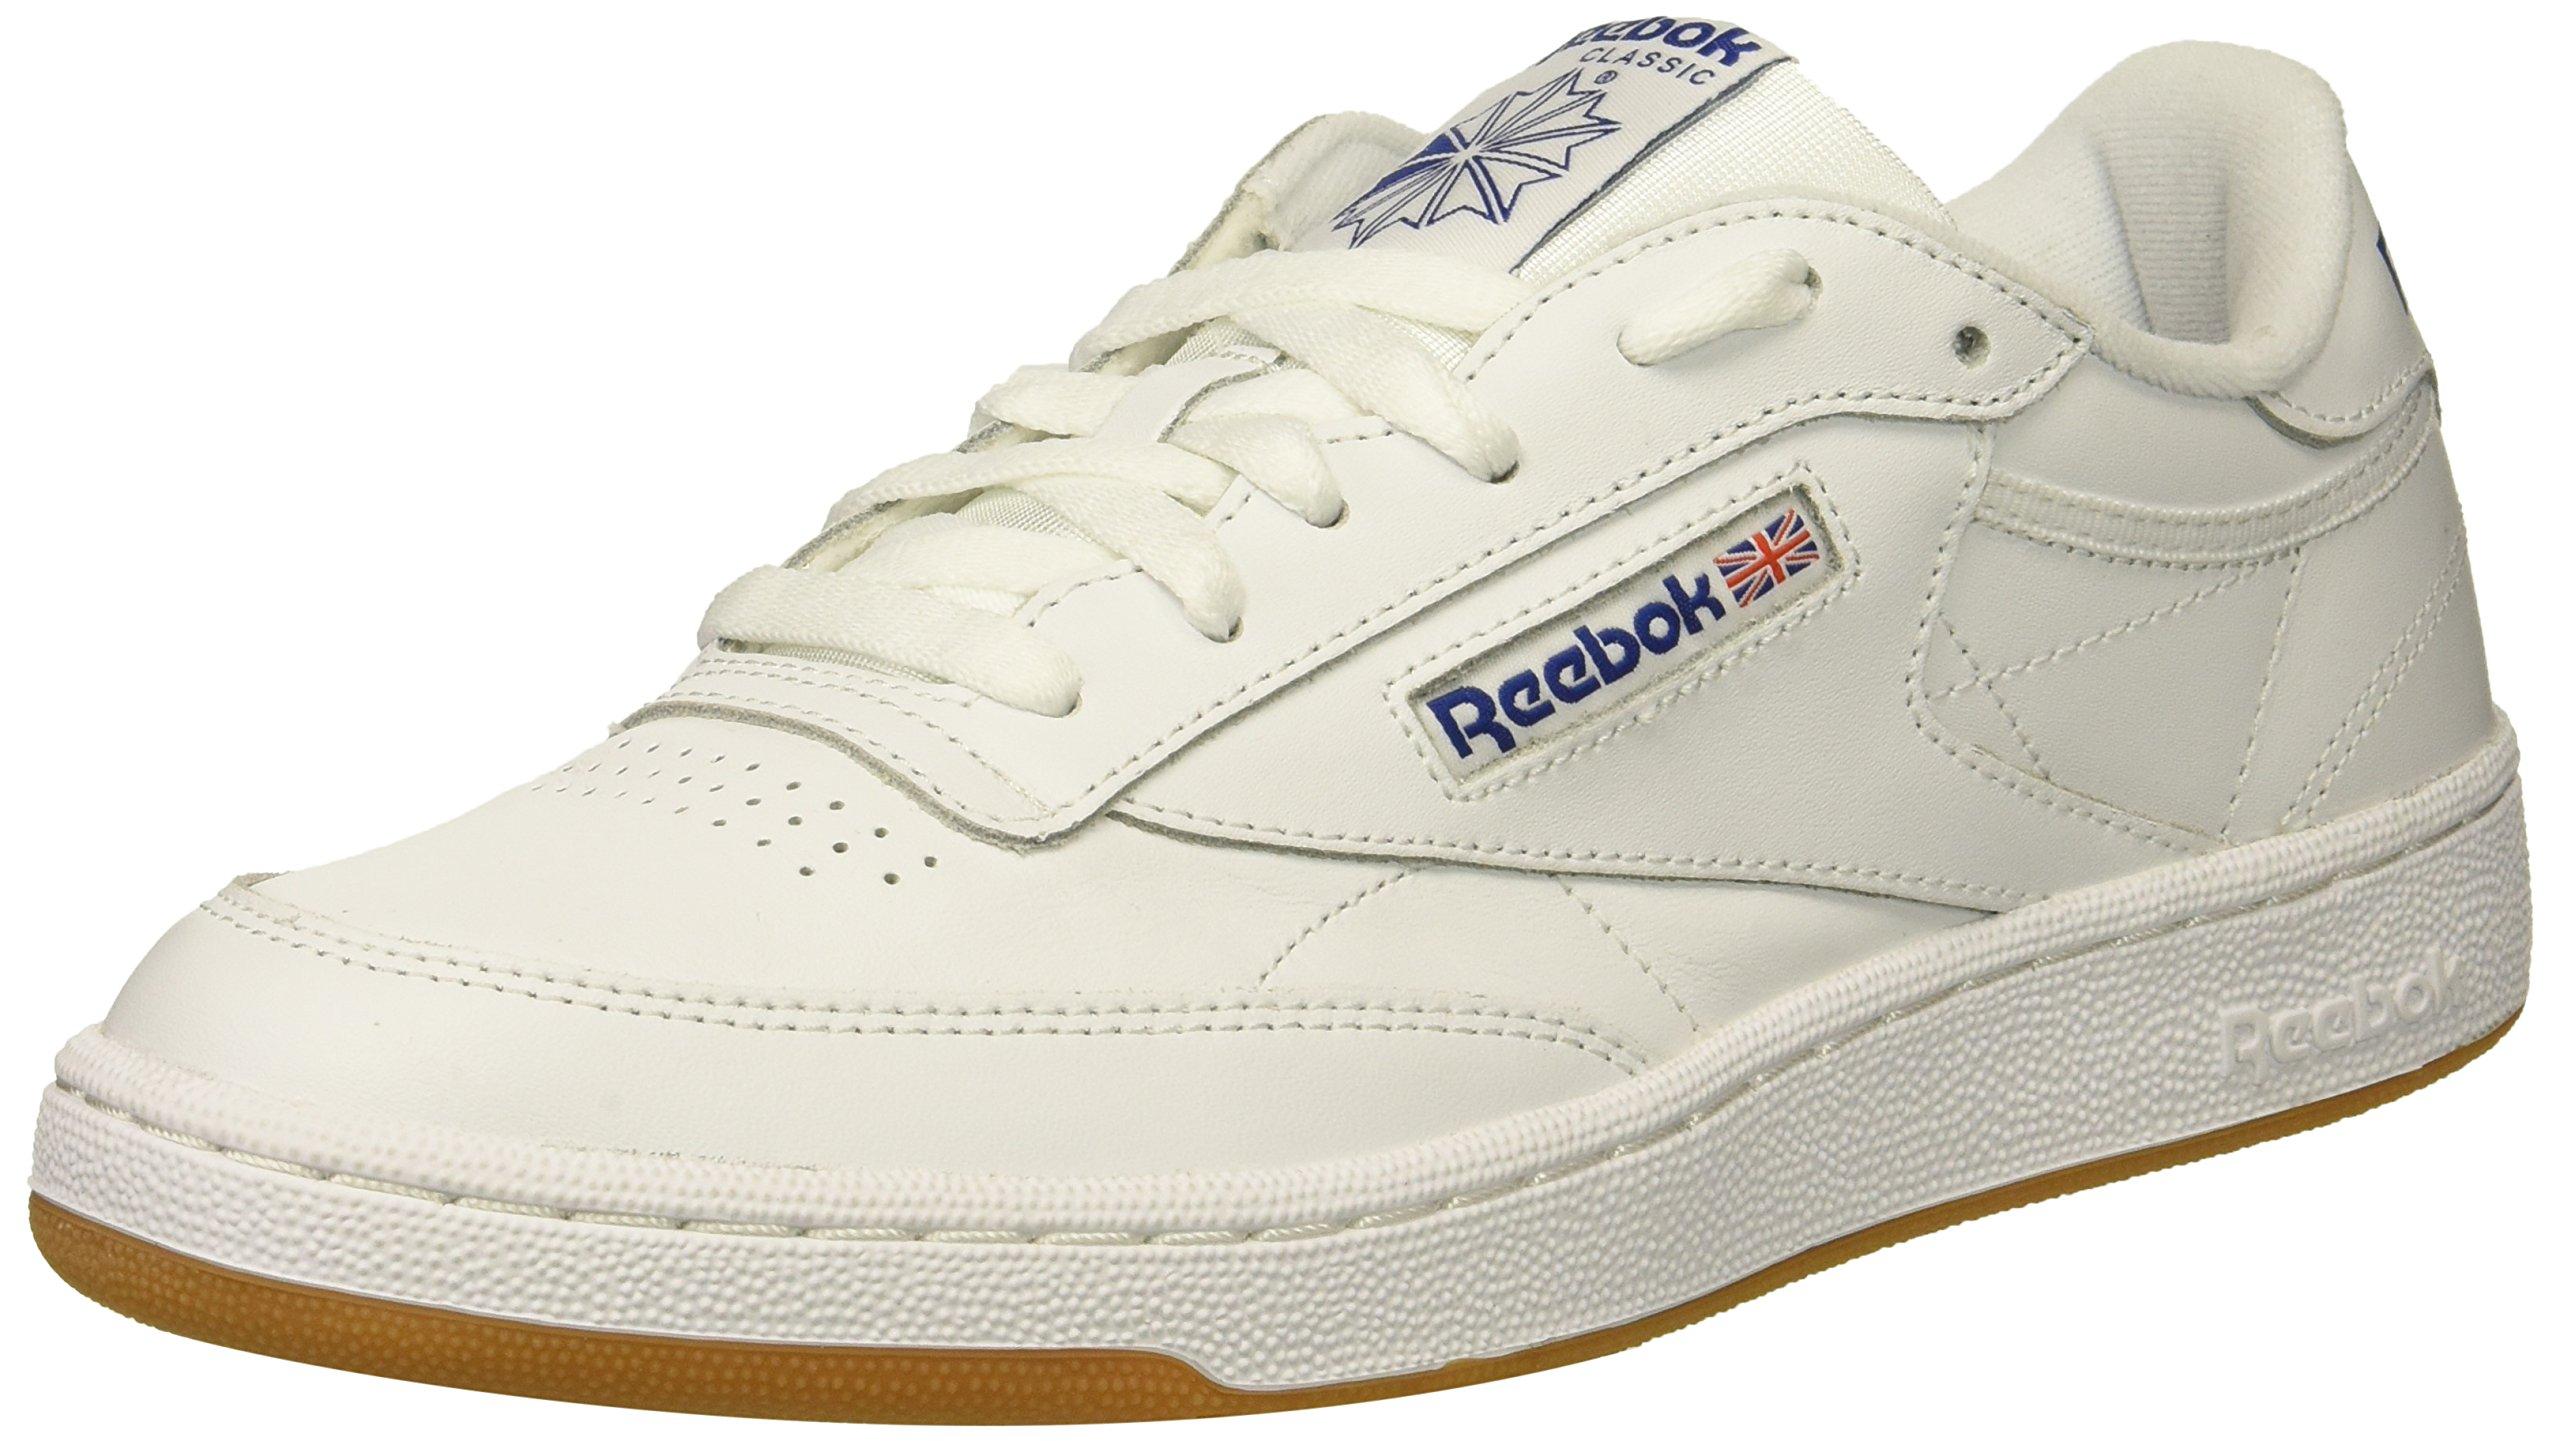 eef735fd01d86 Galleon - Reebok Men s Club C 85 Fashion Sneaker